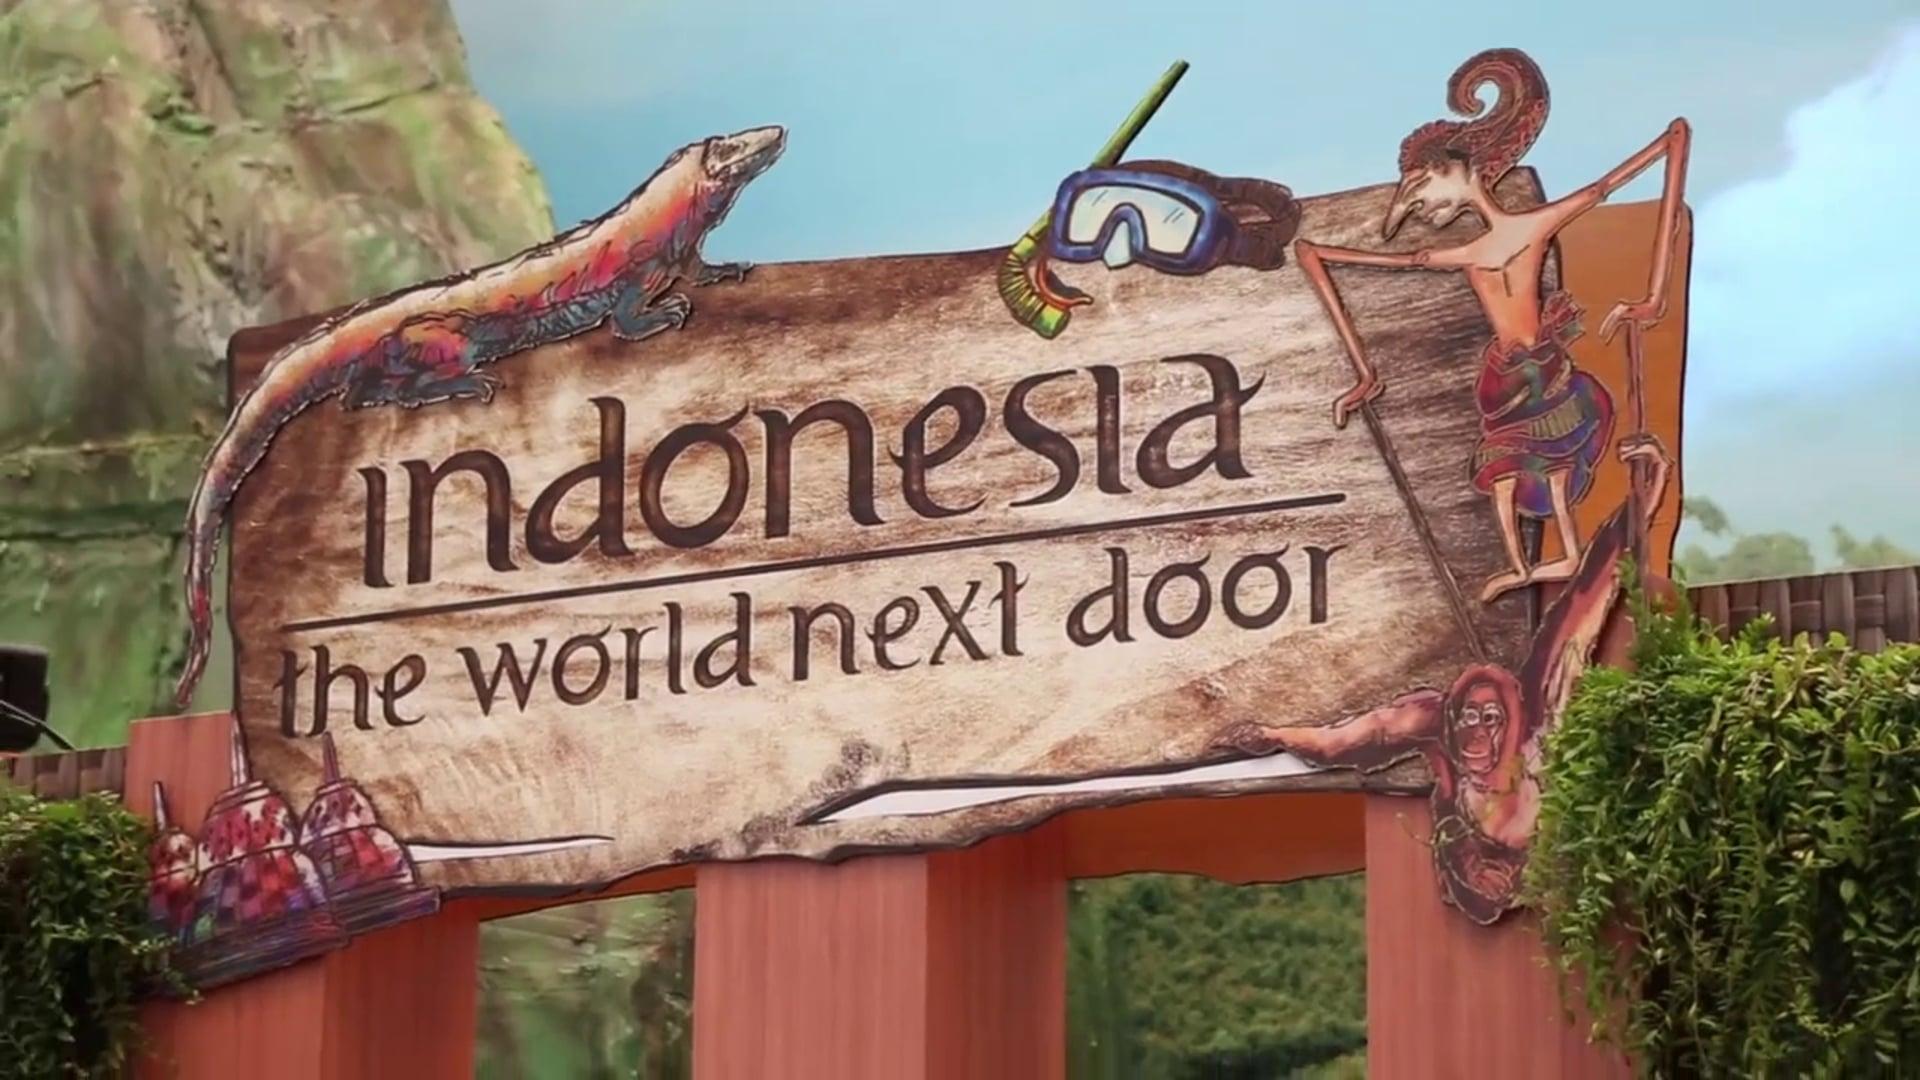 Indonesia : The World Next Door.